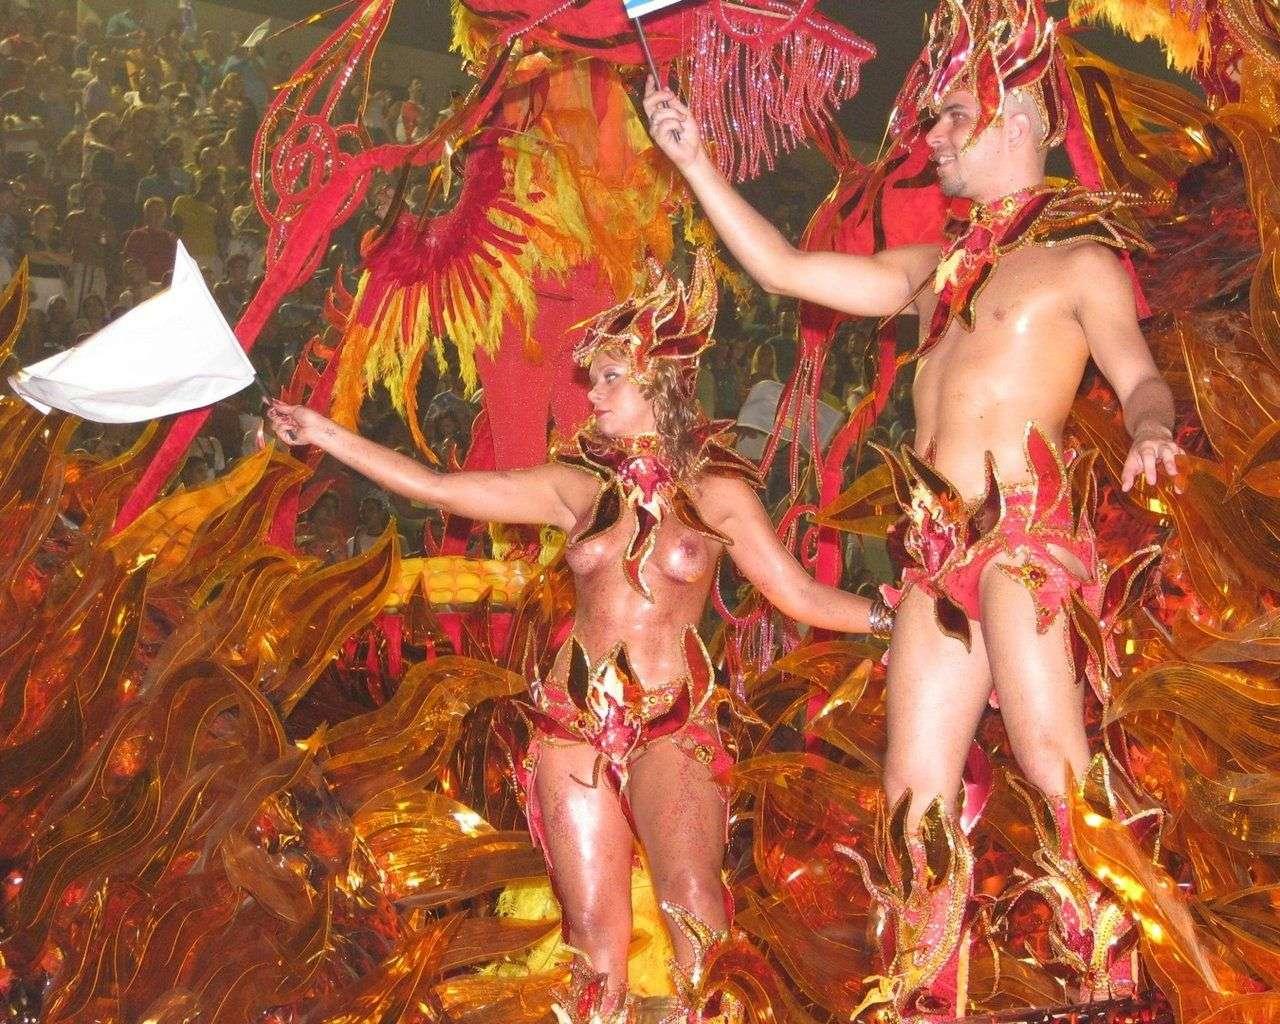 【エロ画像】世界最大の「露出祭り」サンバカーニバルとかいう祭りの様子wwwwwwwwwwwwwww・3枚目